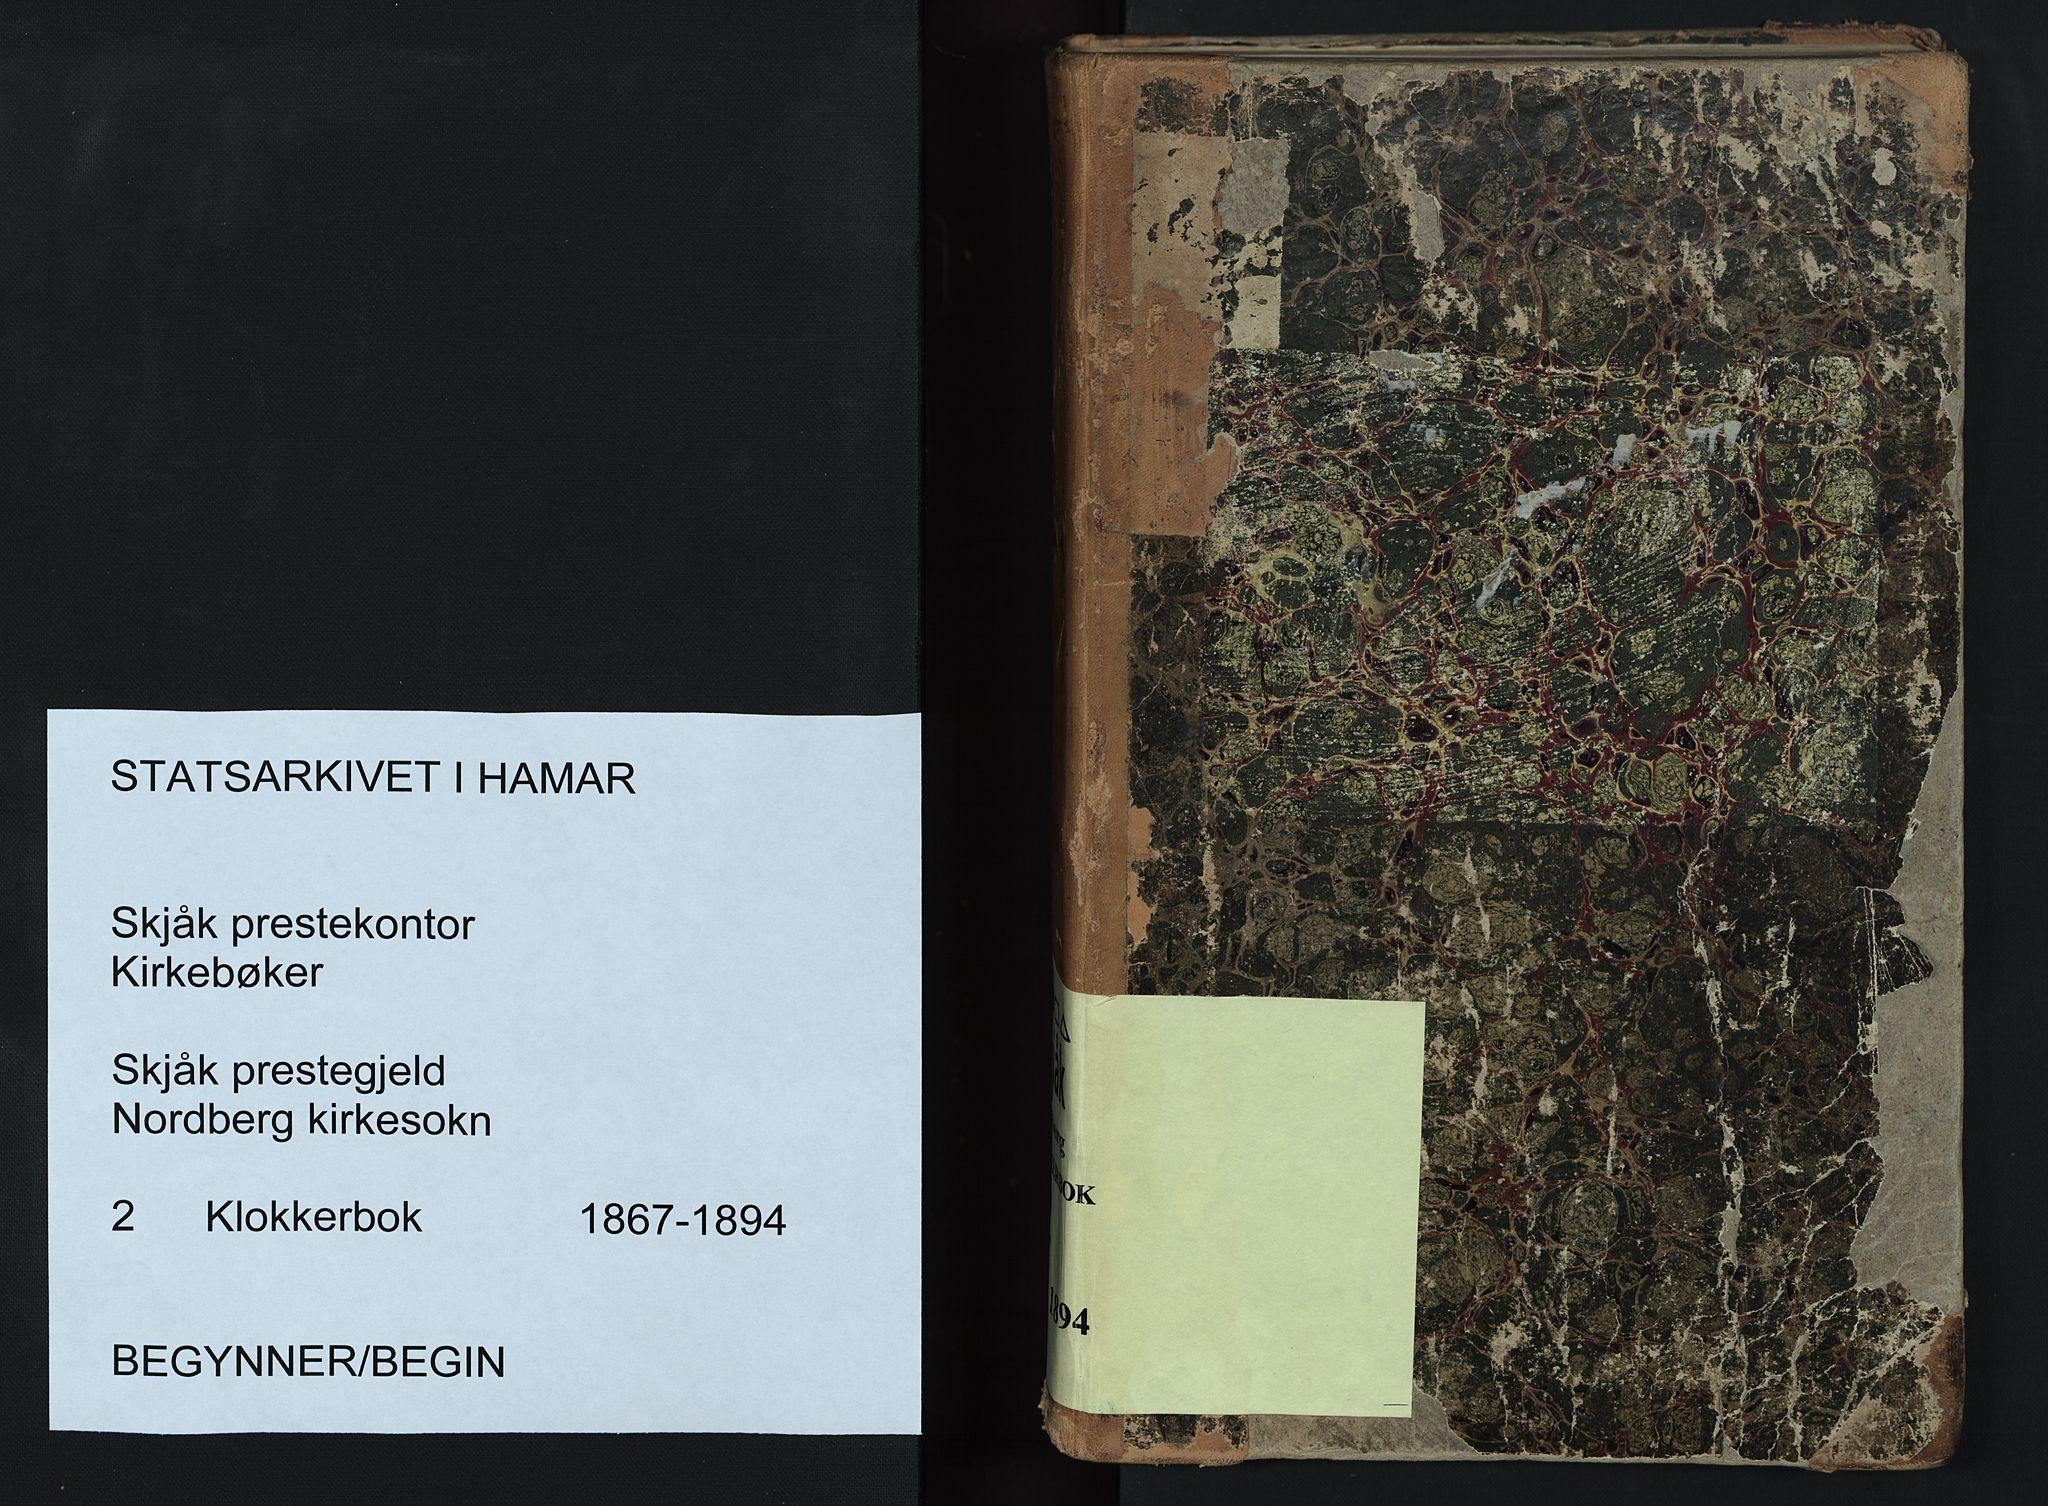 SAH, Skjåk prestekontor, Klokkerbok nr. 2, 1867-1894